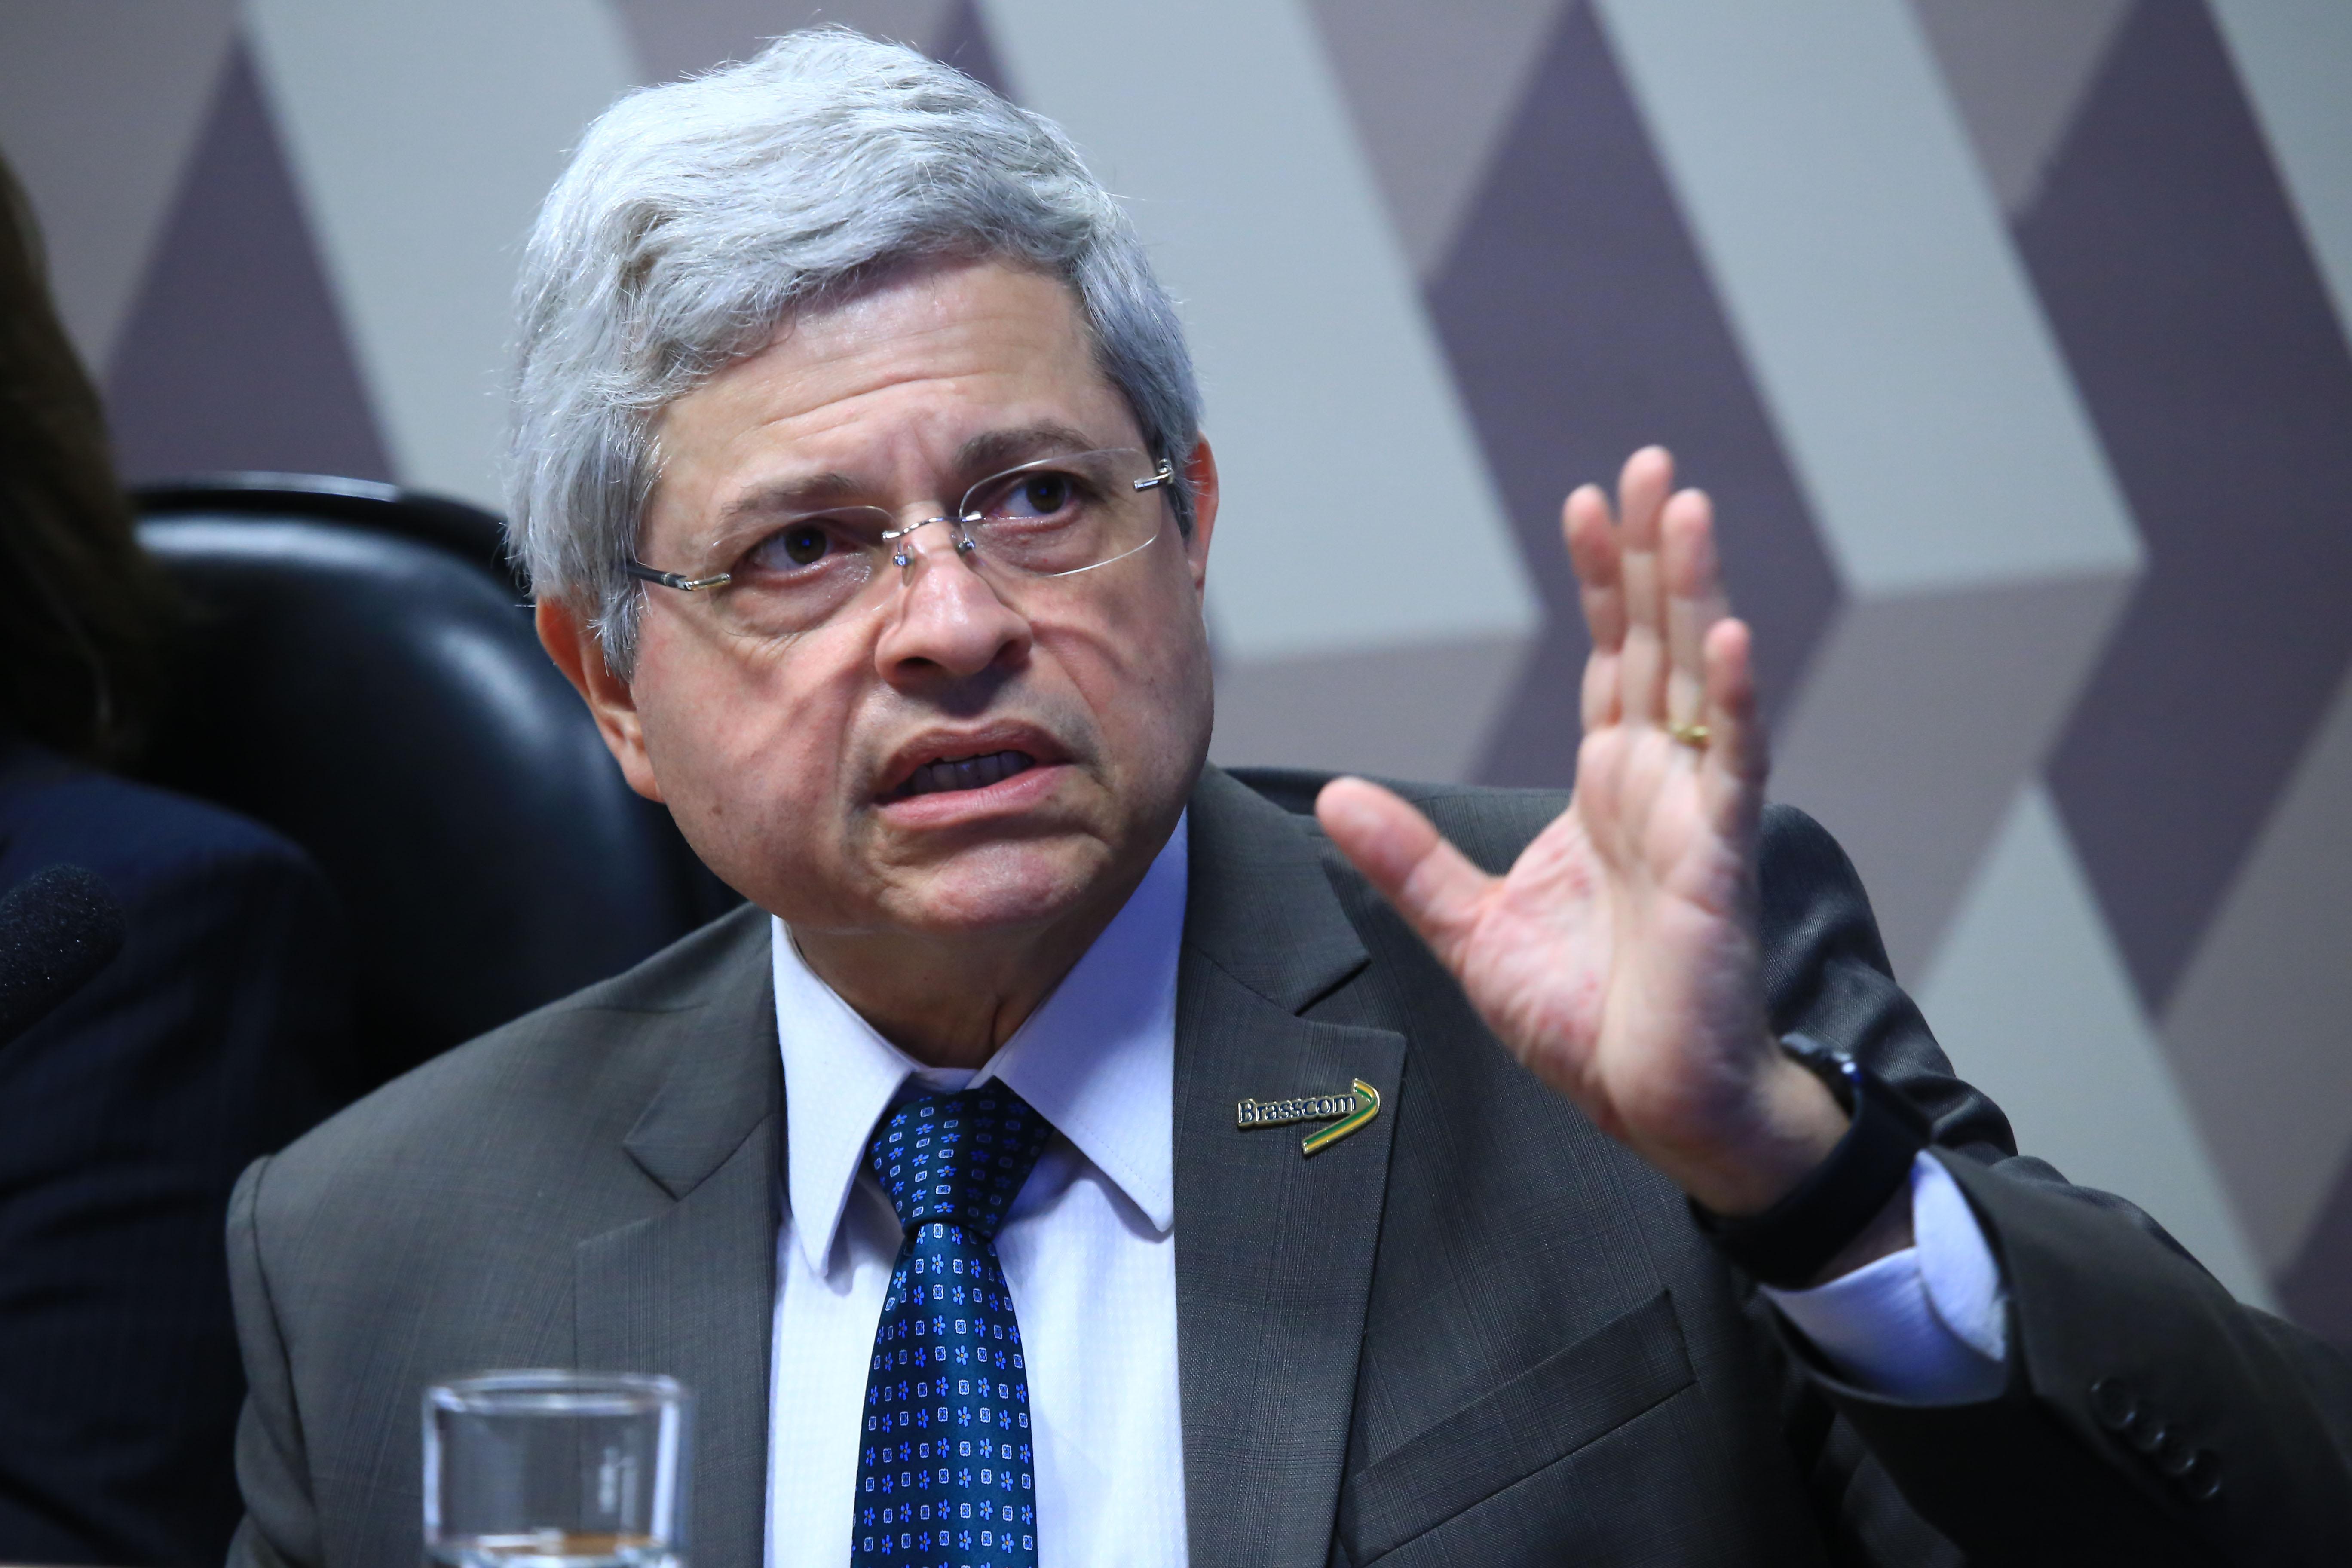 Comissão Mista sobre a MP 869/18, para dispor sobre a Proteção de Dados Pessoais e para criar a Autoridade Nacional de Proteção de Dados. Presidente Executivo da Brascom, Sergio Paulo Gallindo